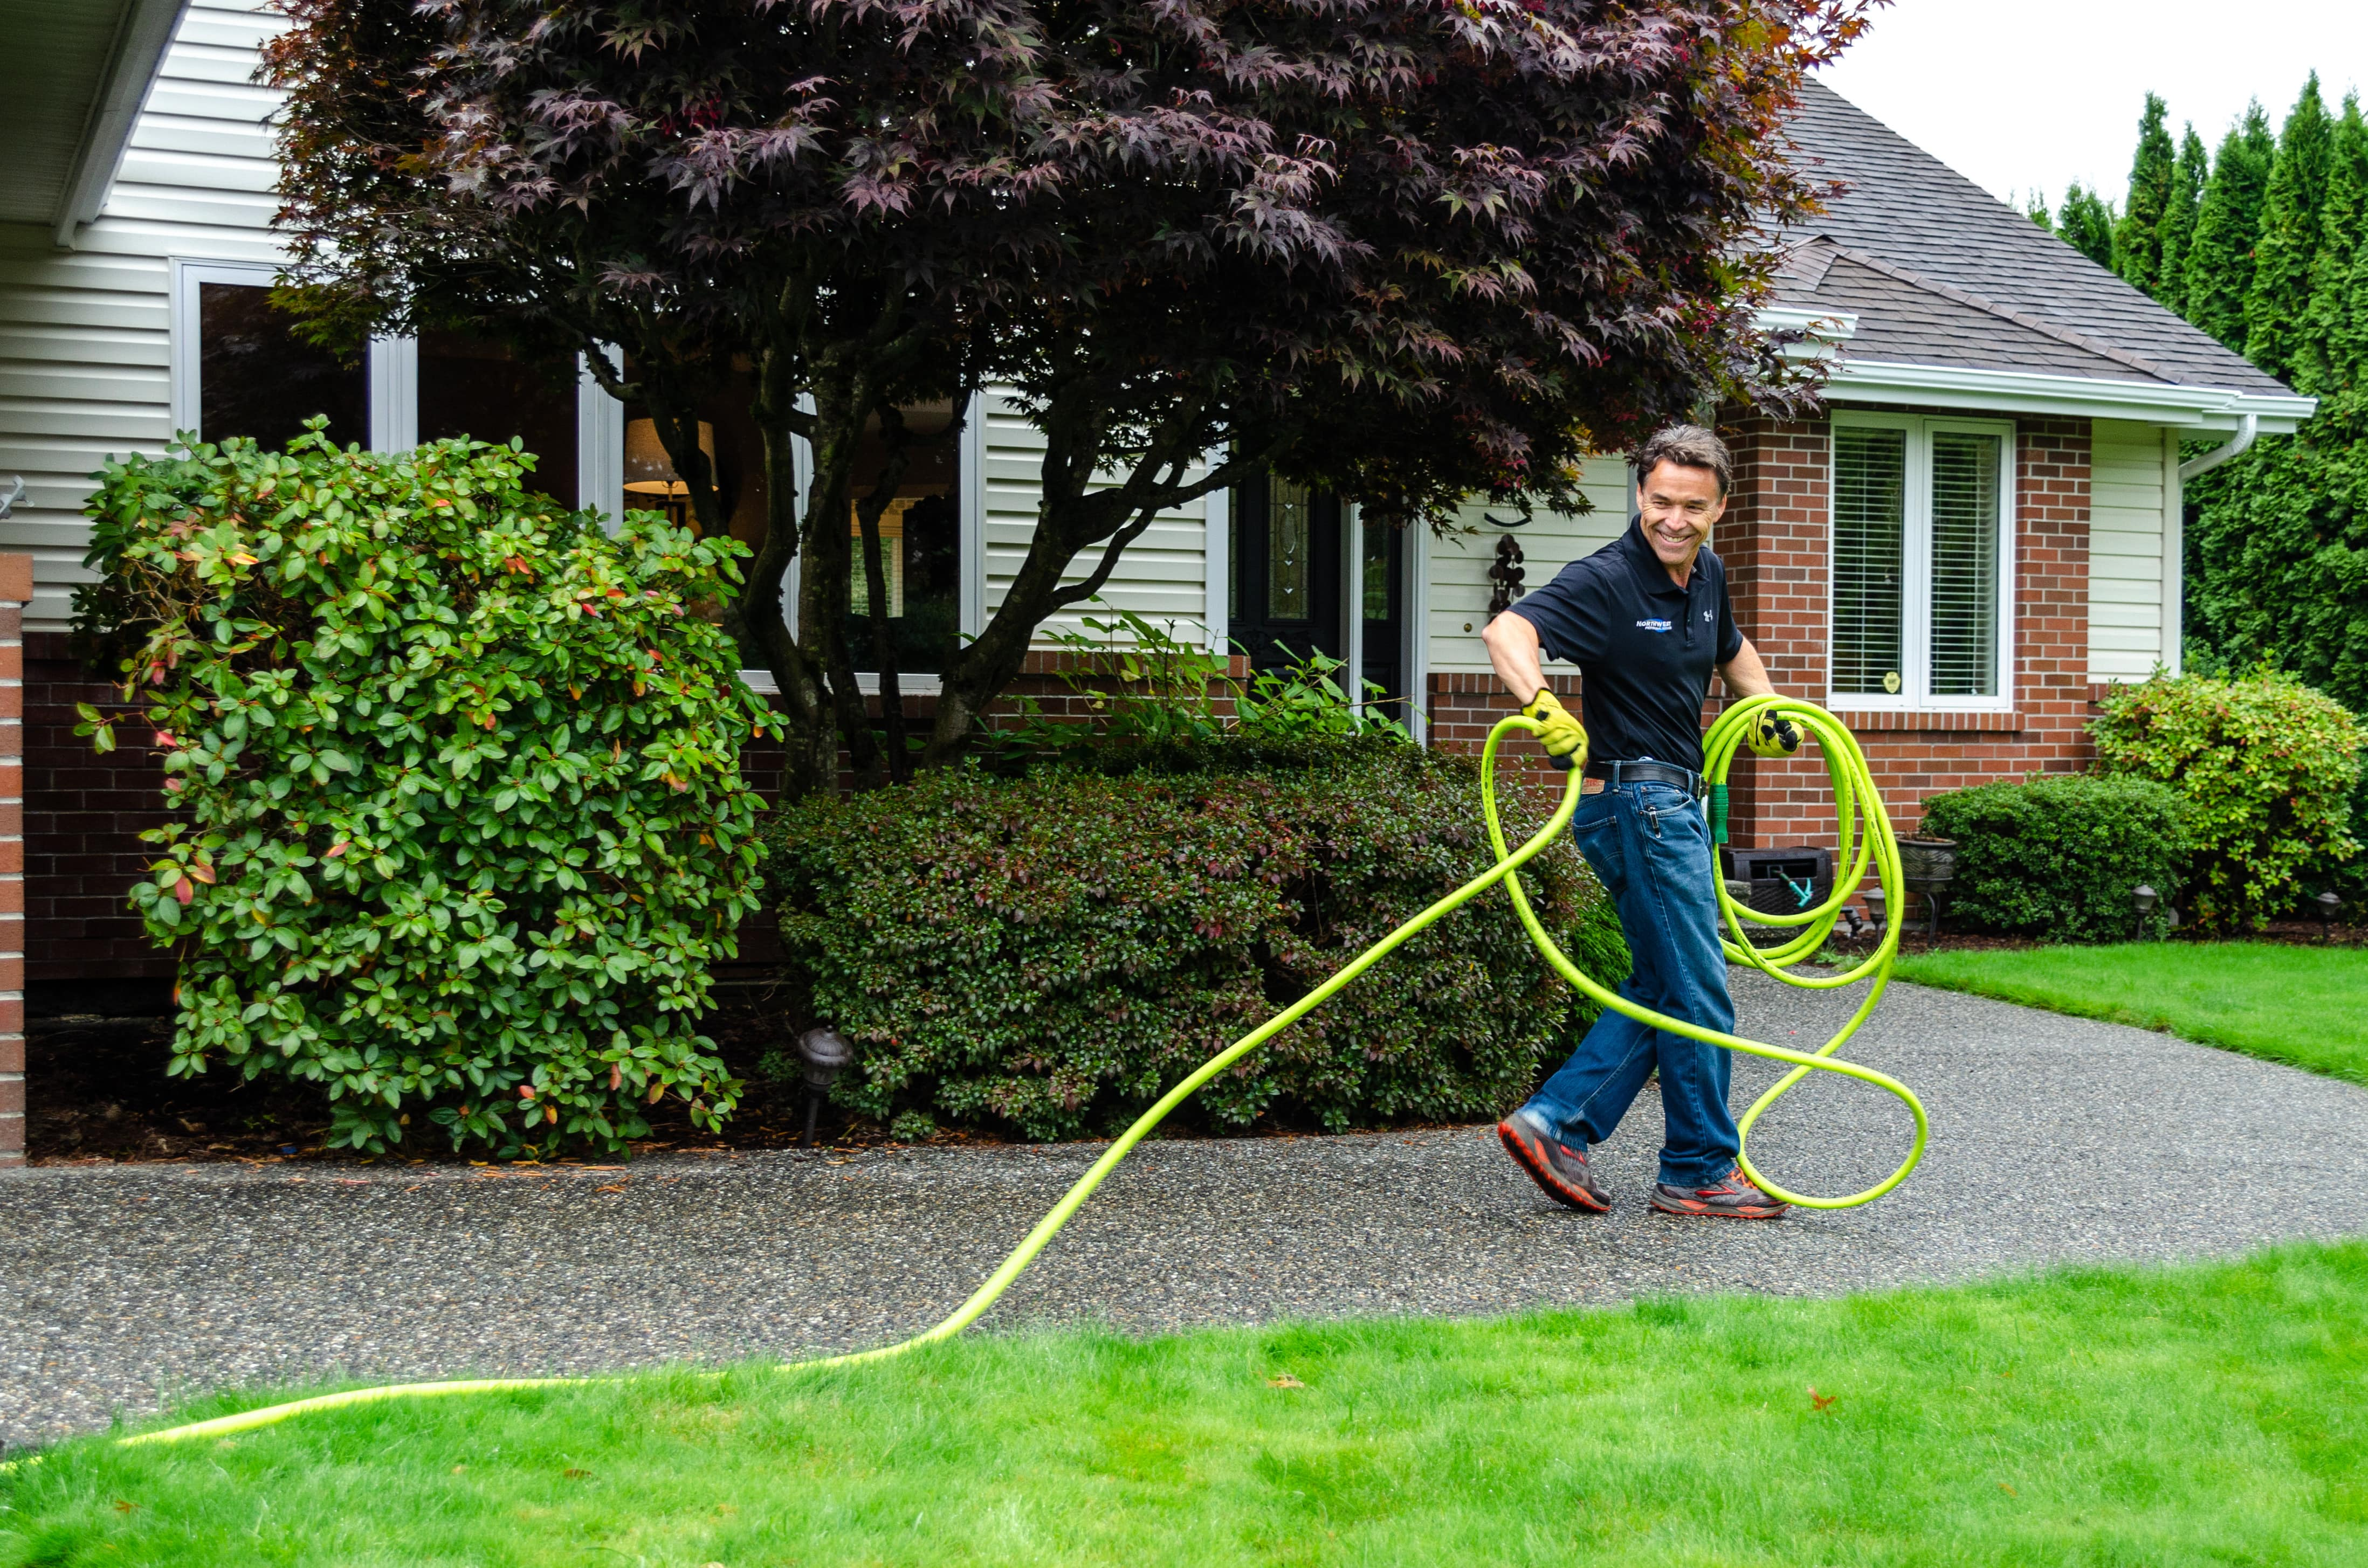 Worker in yard